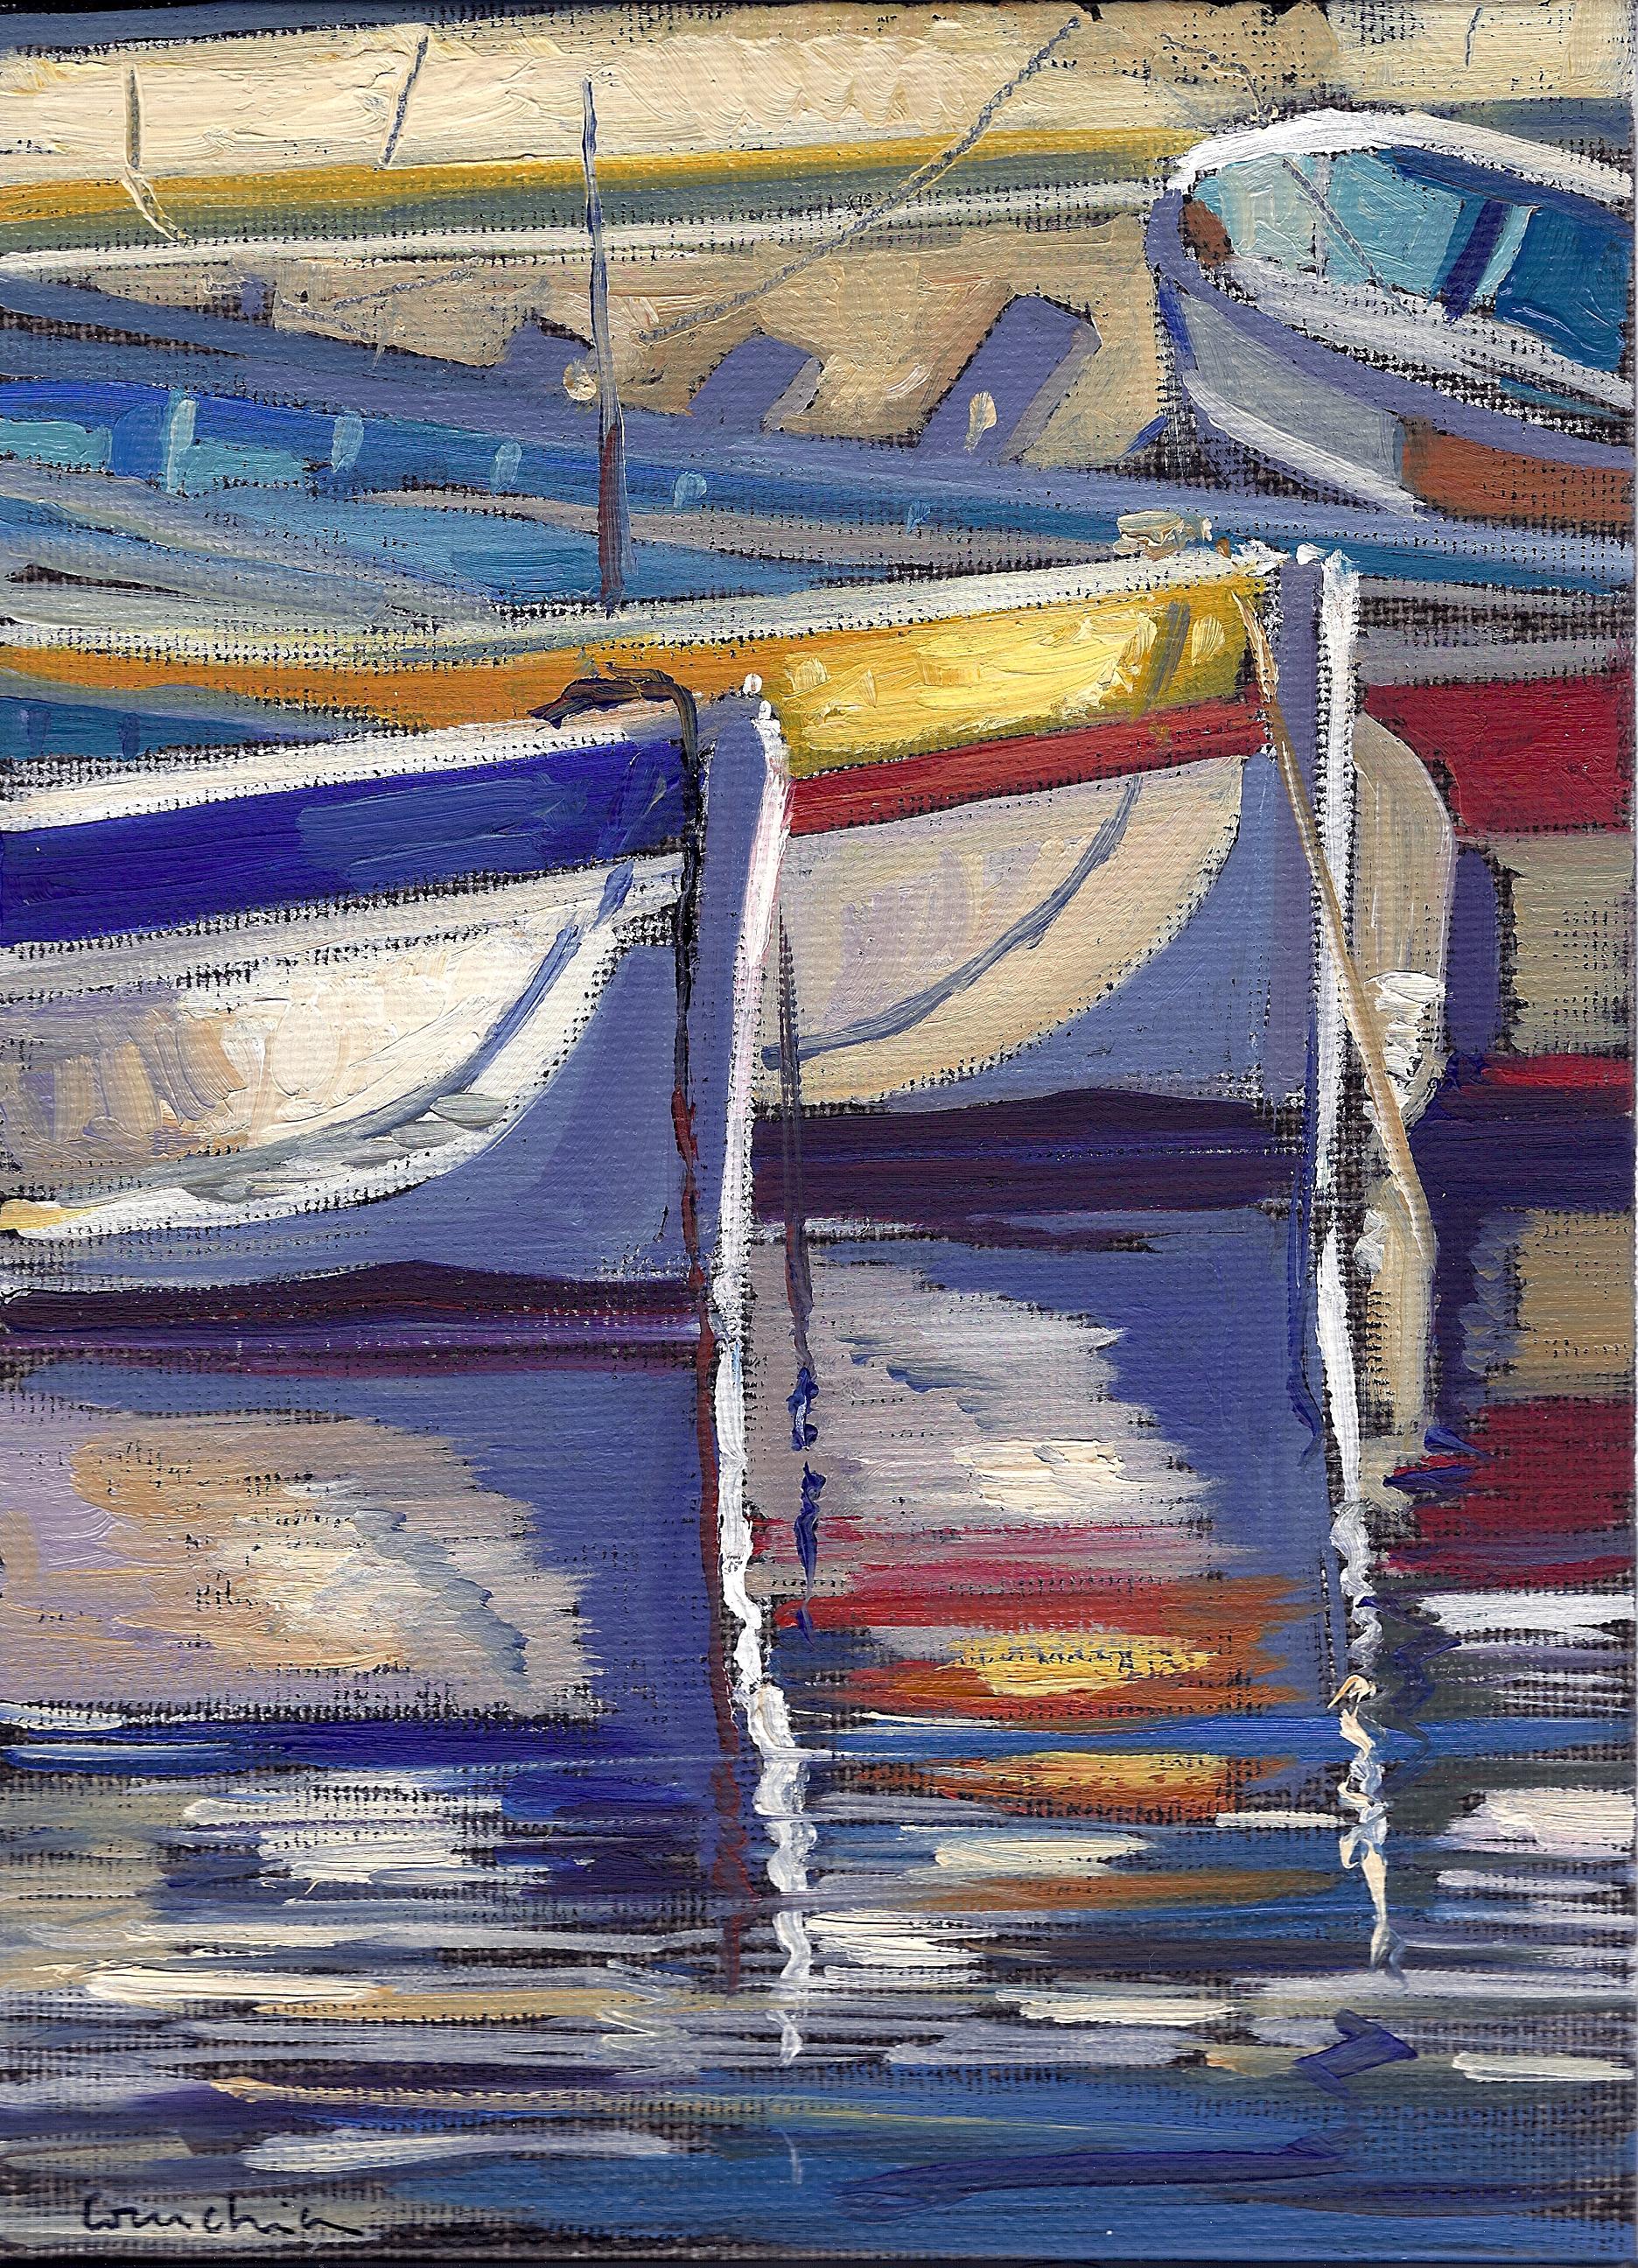 23- les 2 barques